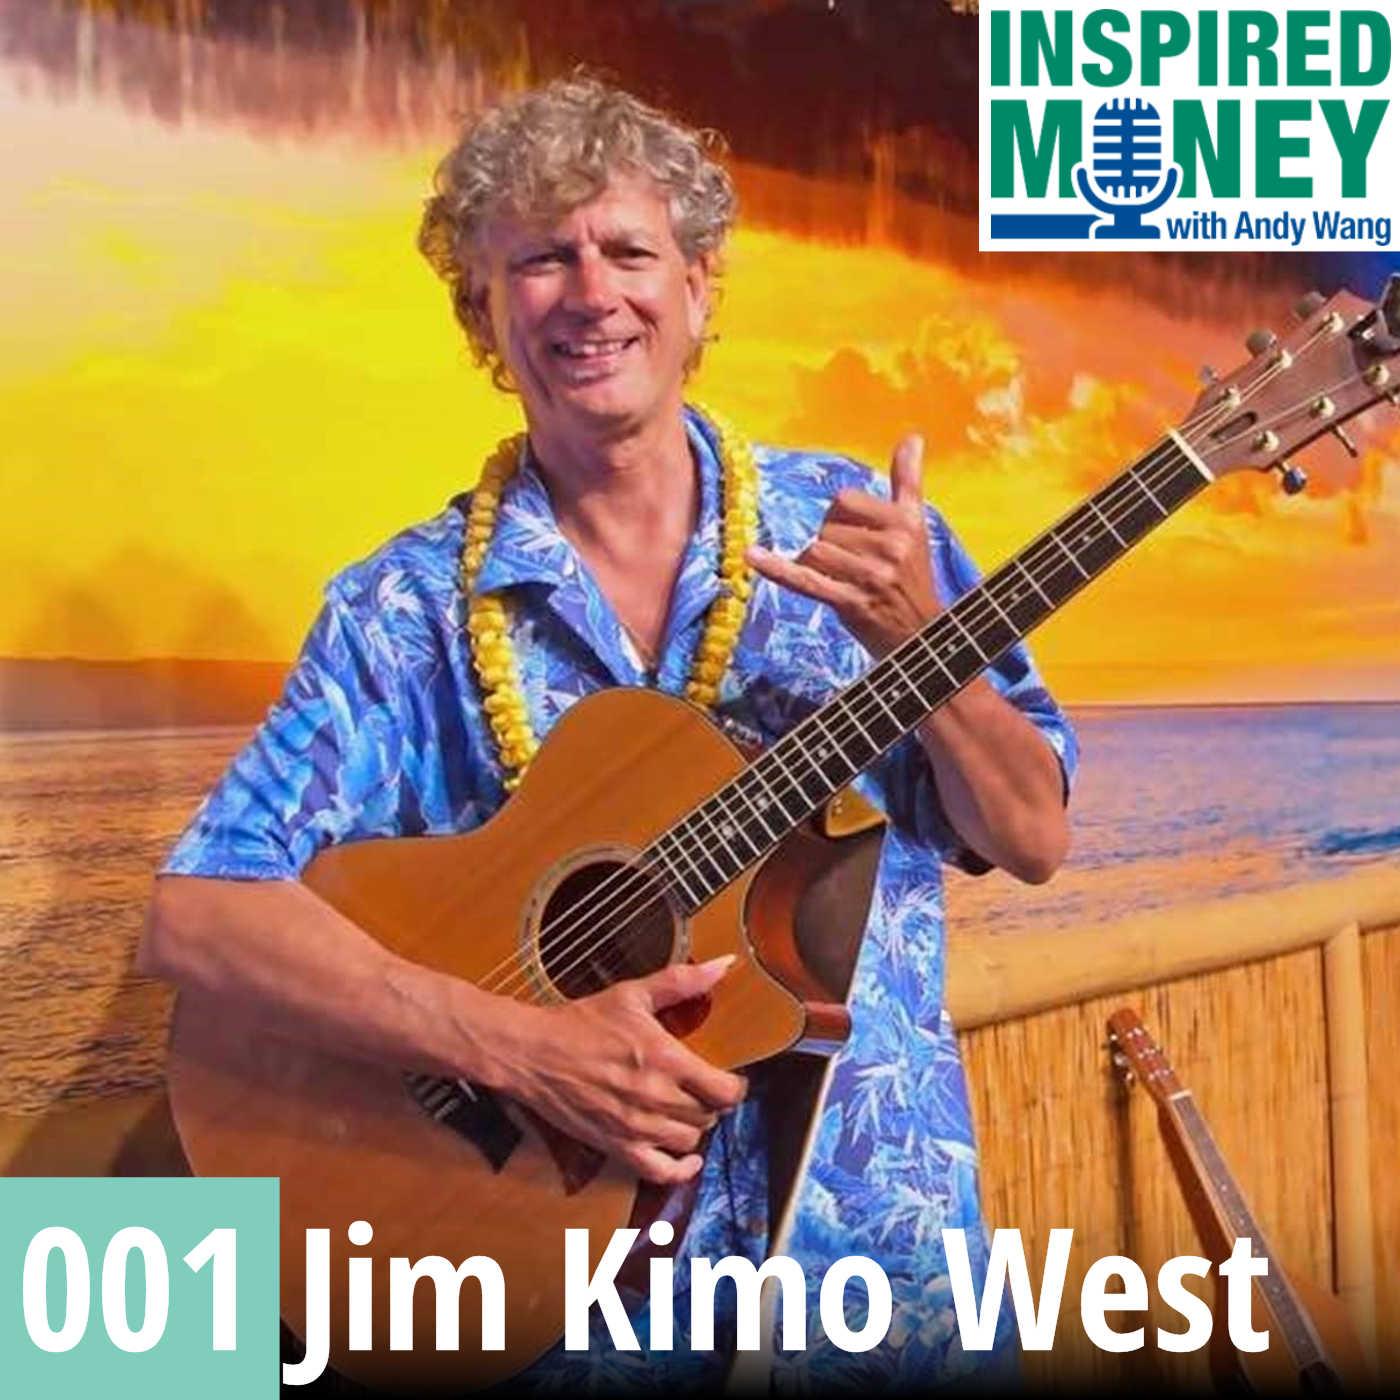 Jim Kimo West